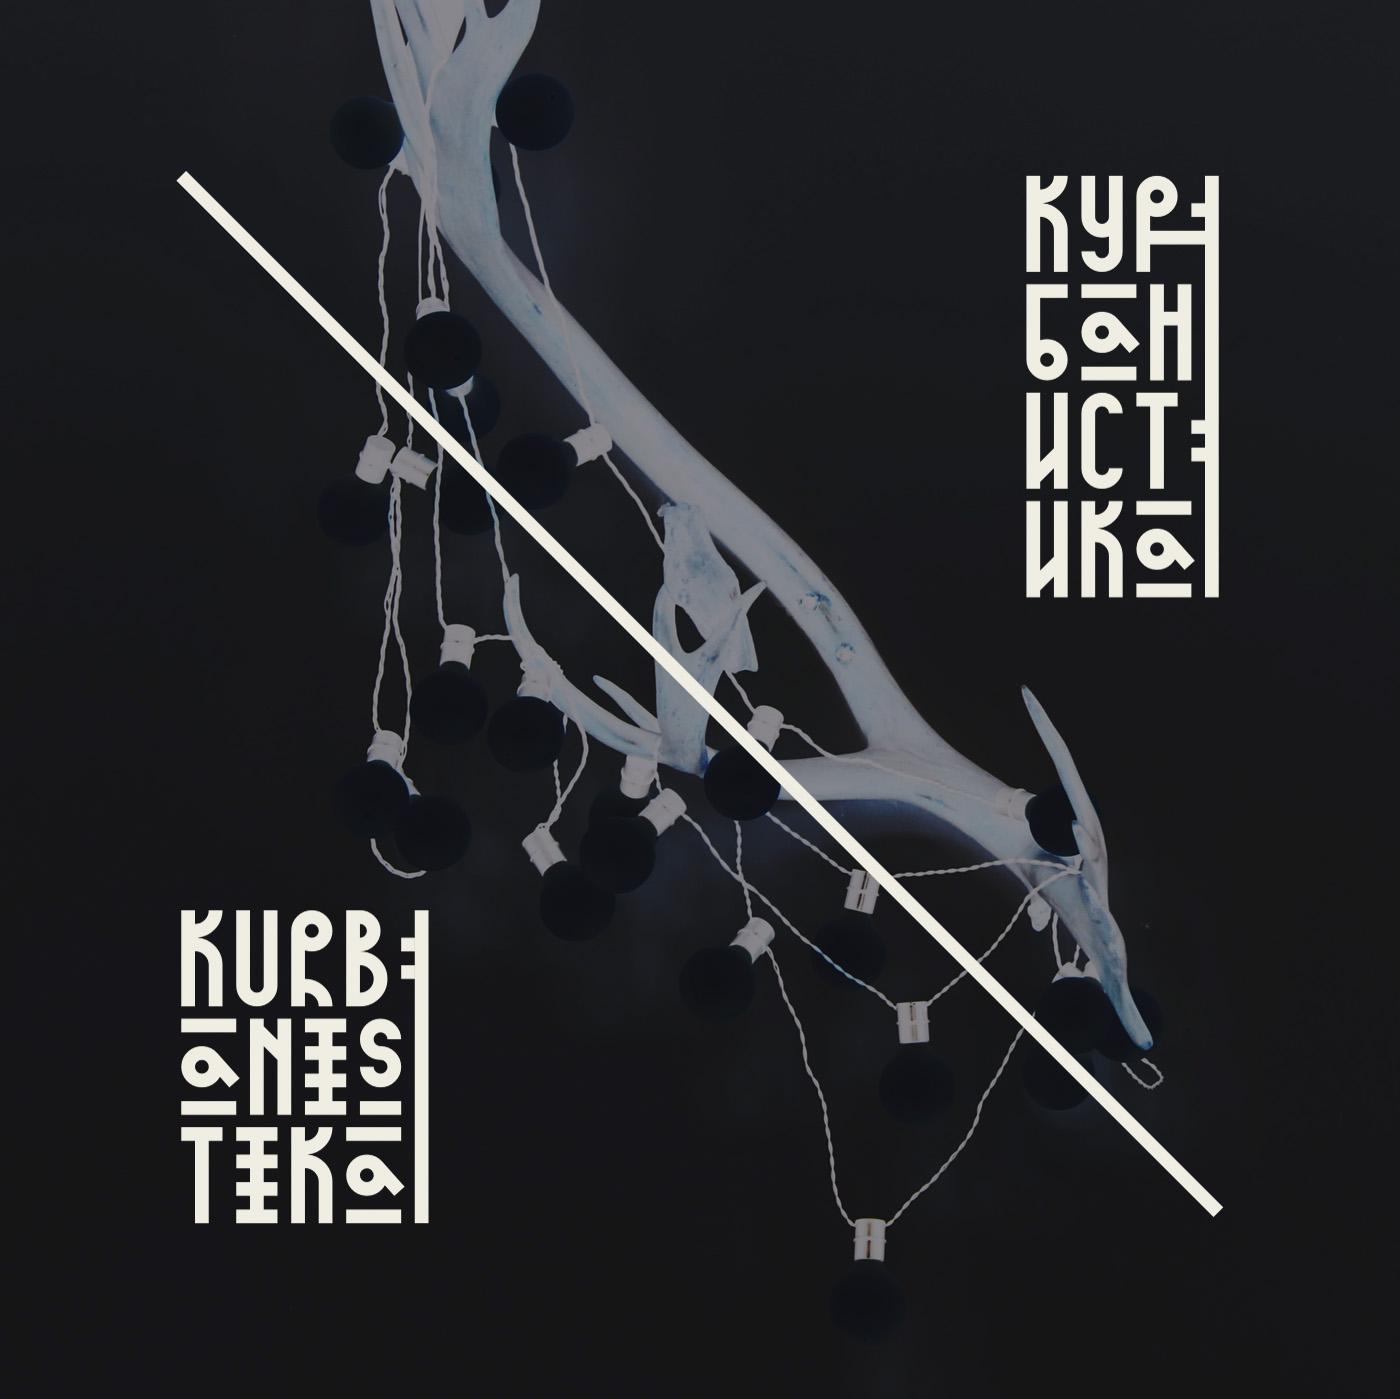 Kurbanistika – Free Display Font Poster F